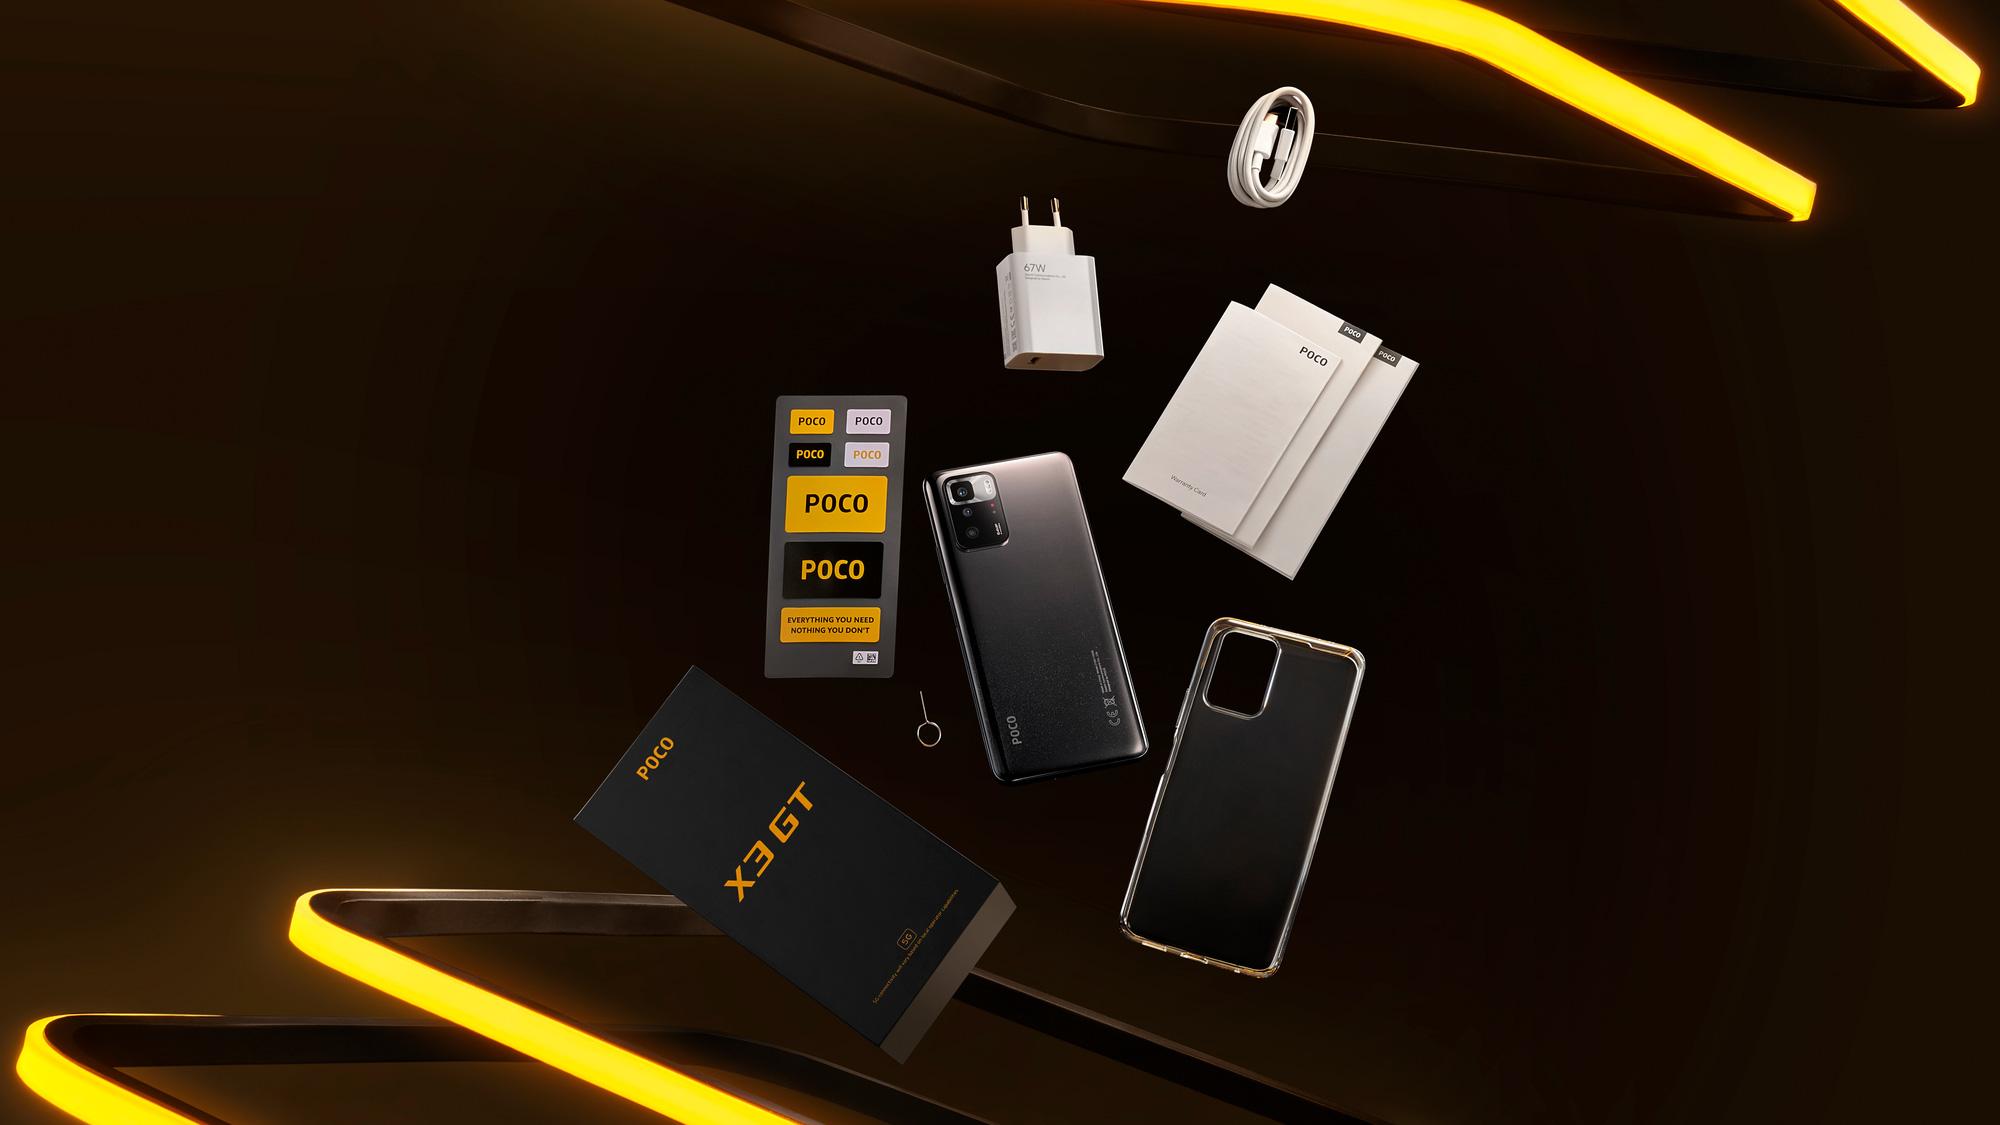 """Chiếc điện thoại  """"mãnh thú"""" với  nhiều trang bị hàng đầu được ra mắt - Ảnh 3."""